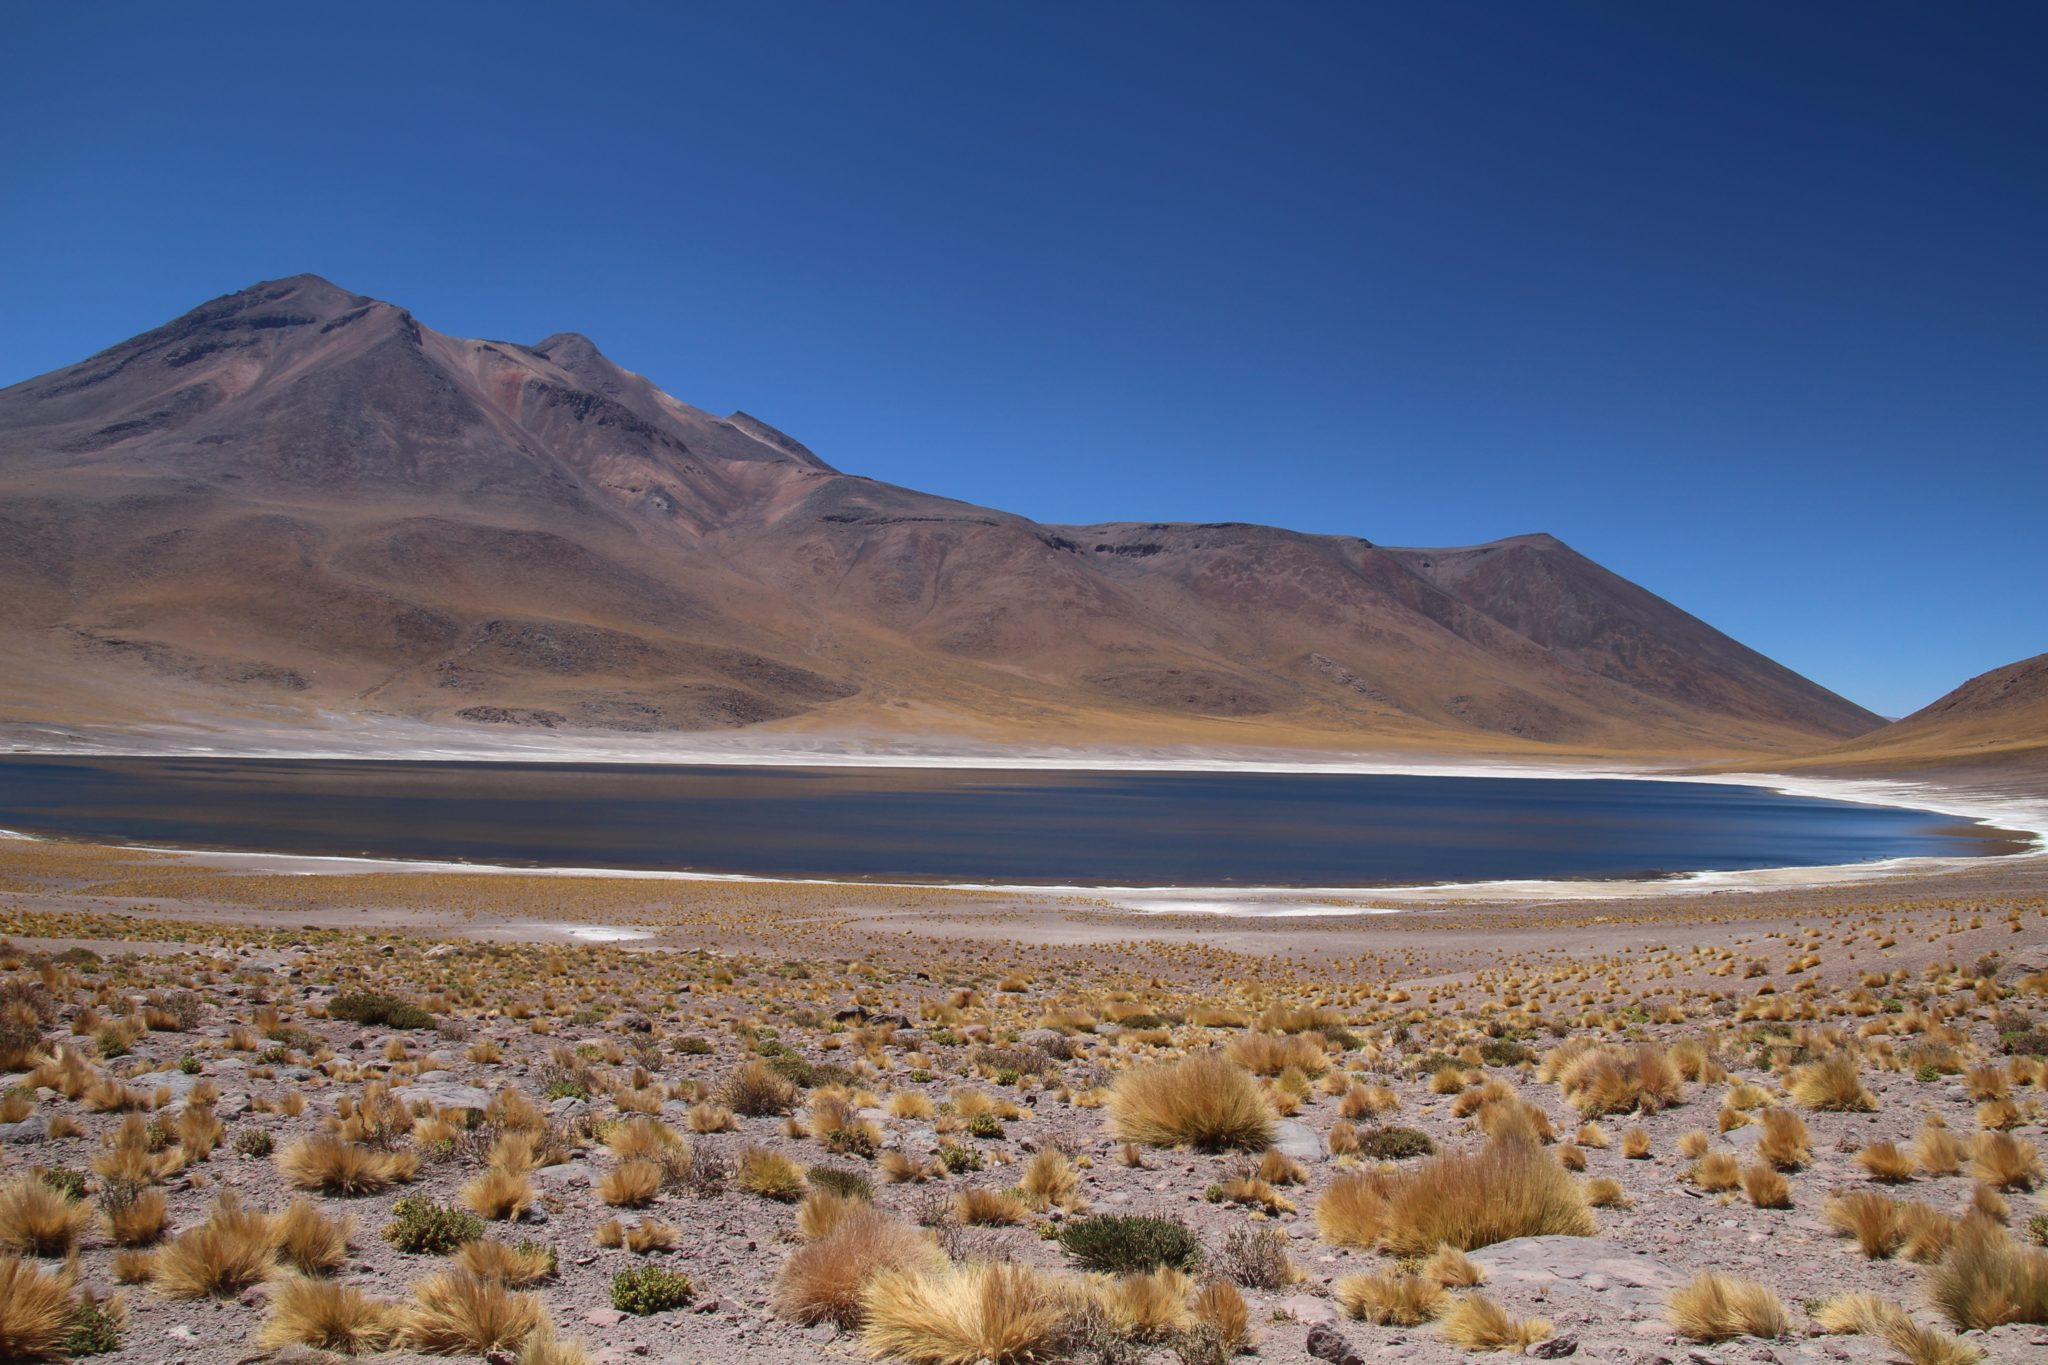 laguna miscanti lagune bleue desert d atacama chili